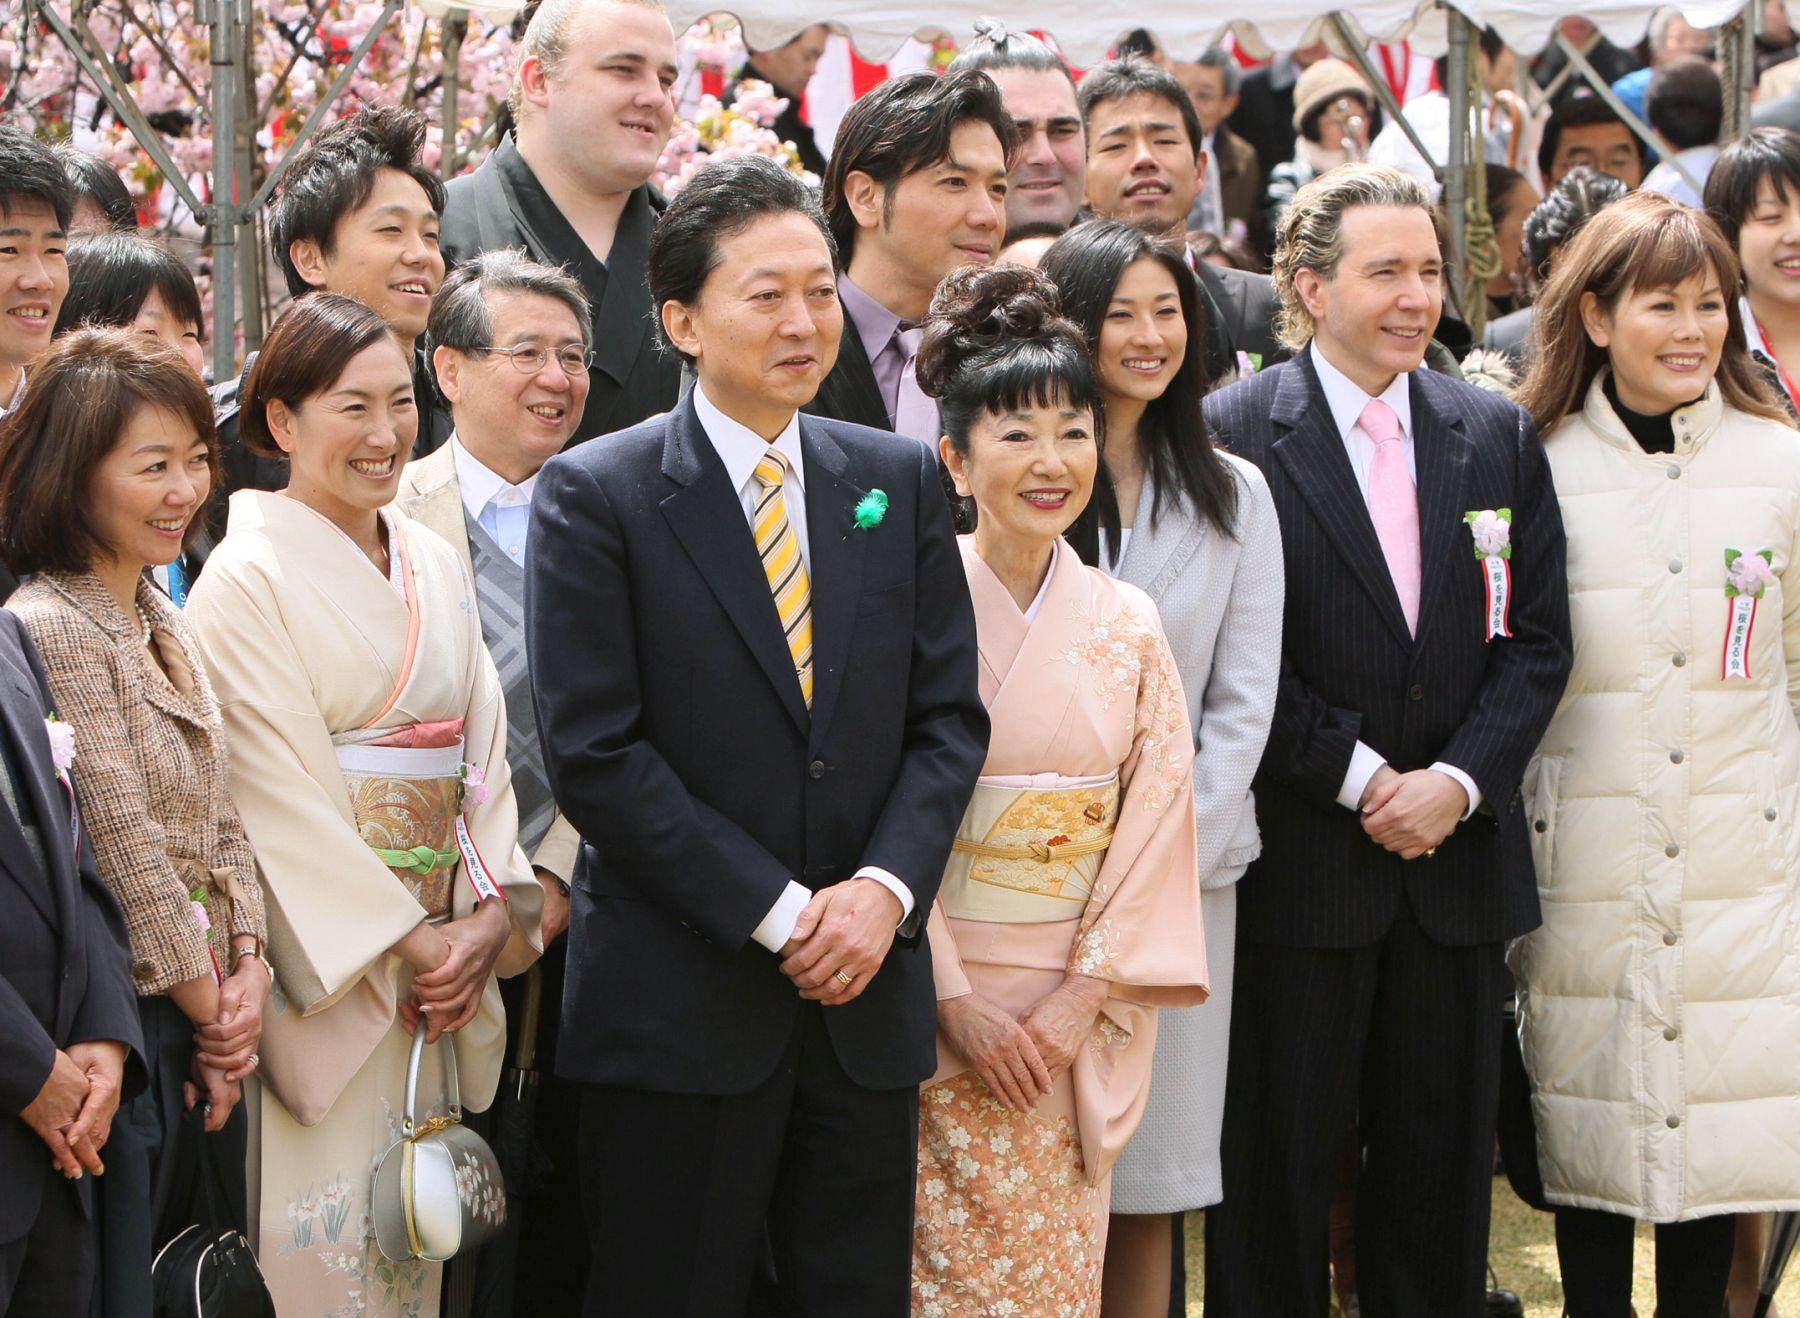 Japan Politics Cherry Blossoms Sakura wo miru kai 007